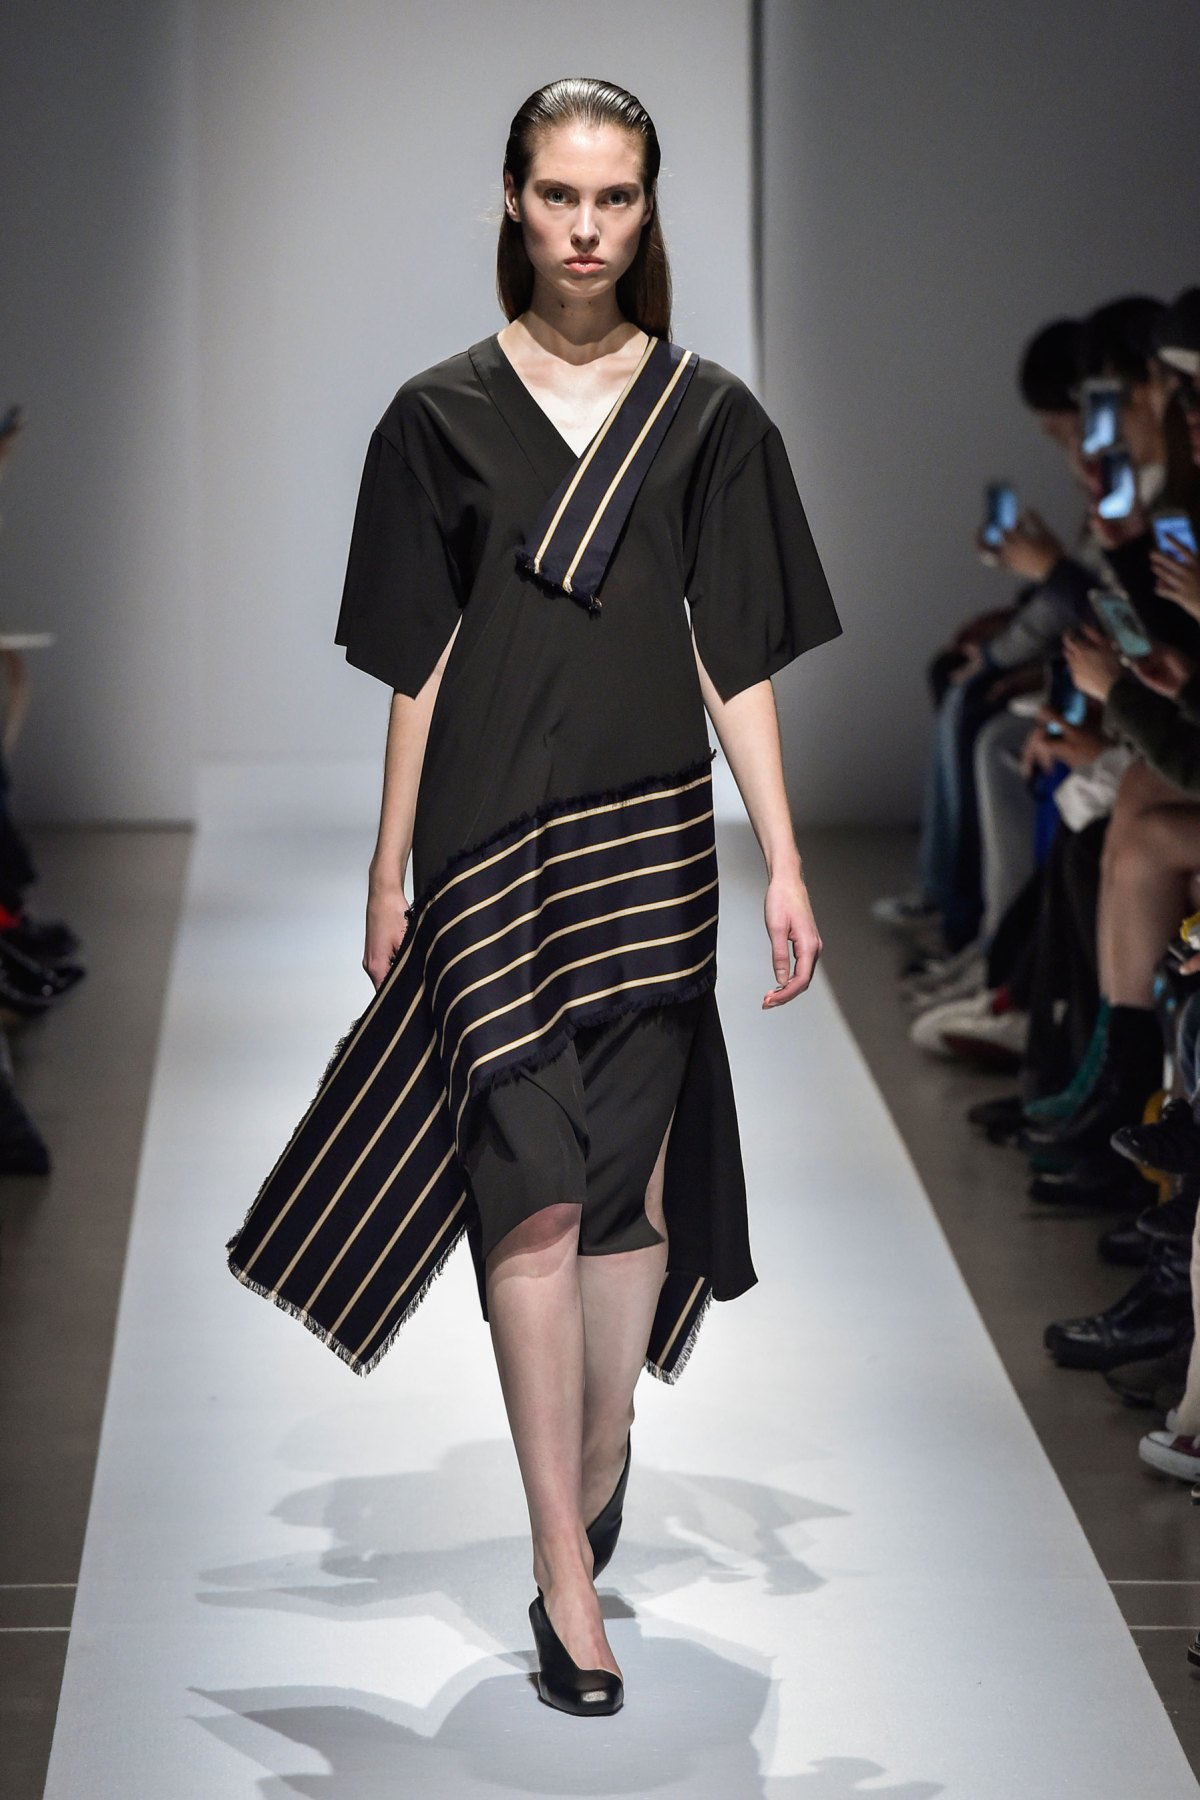 Fashion Hong Kong RS17 0033